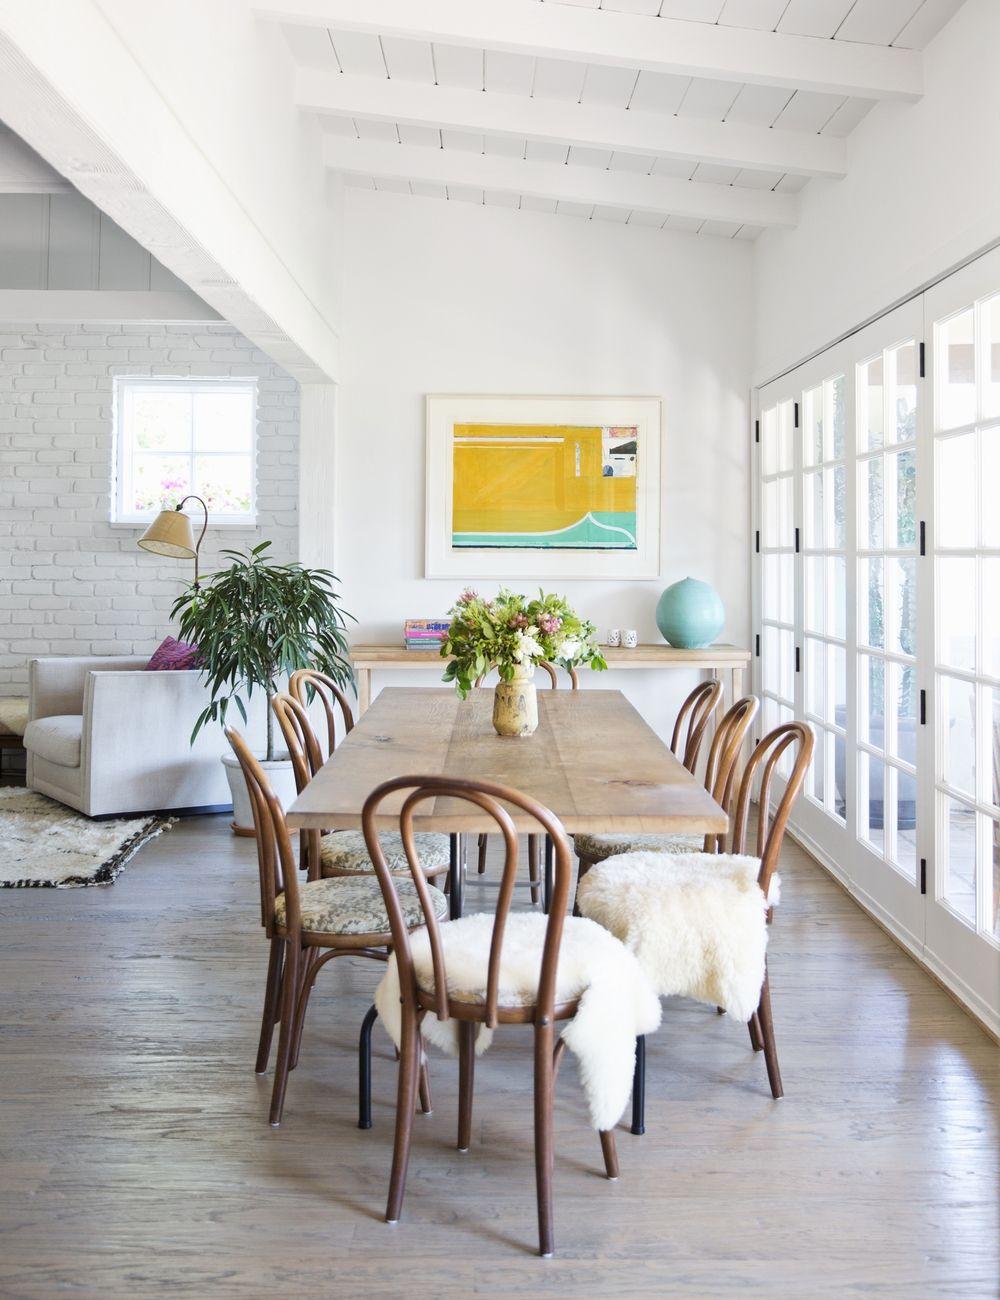 Brique, bois naturel, verre sont des attributs obligatoires du style minimalisme